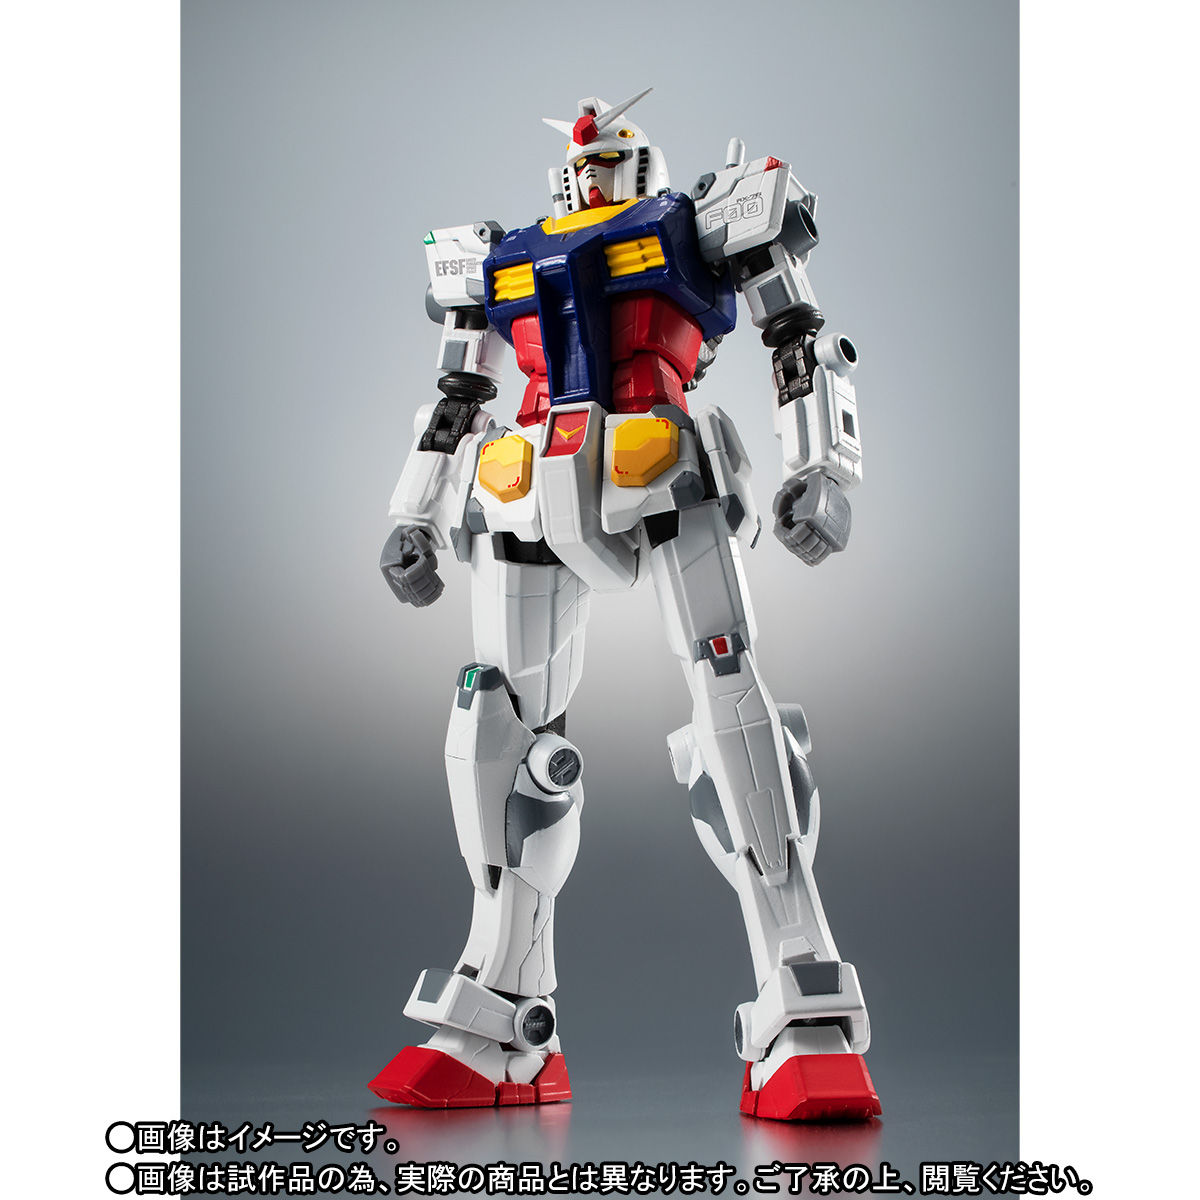 【限定販売】ROBOT魂〈SIDE MS〉『RX-78F00 ガンダム』可動フィギュア-002